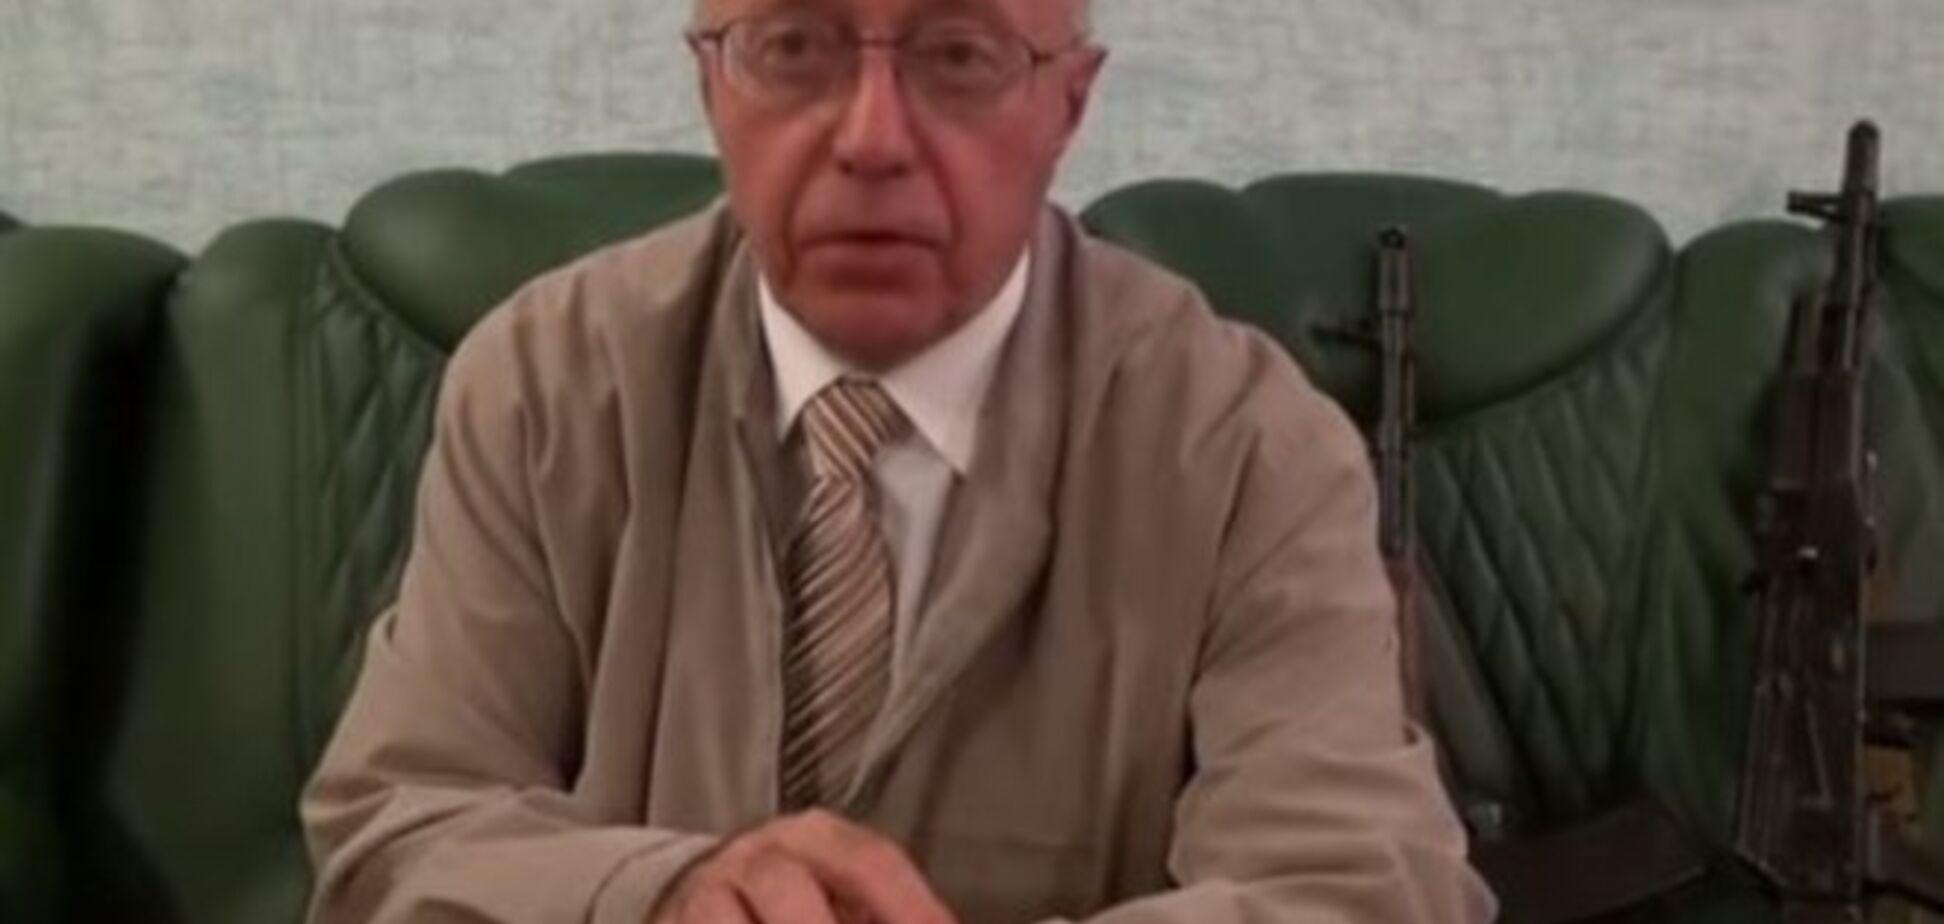 Идеолог 'Новороссии' обвинил Стрелкова в сотрудничестве с украинскими властями